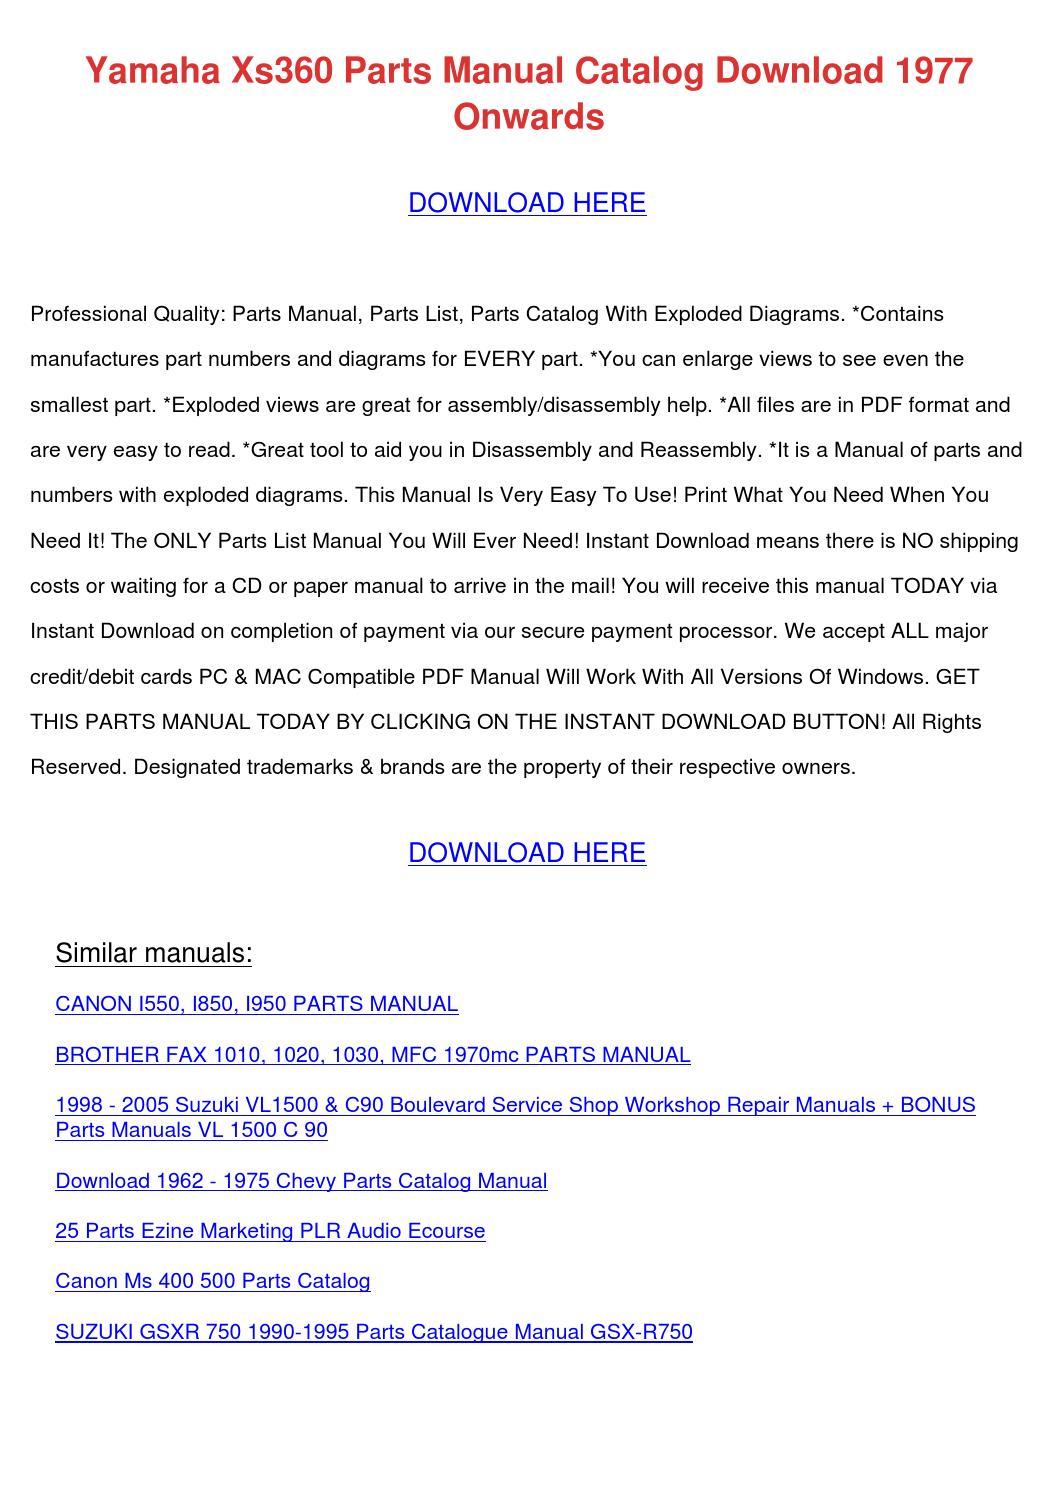 Yamaha Xs360 Parts Manual Catalog Download 19 by BarbaraAndre - issuu